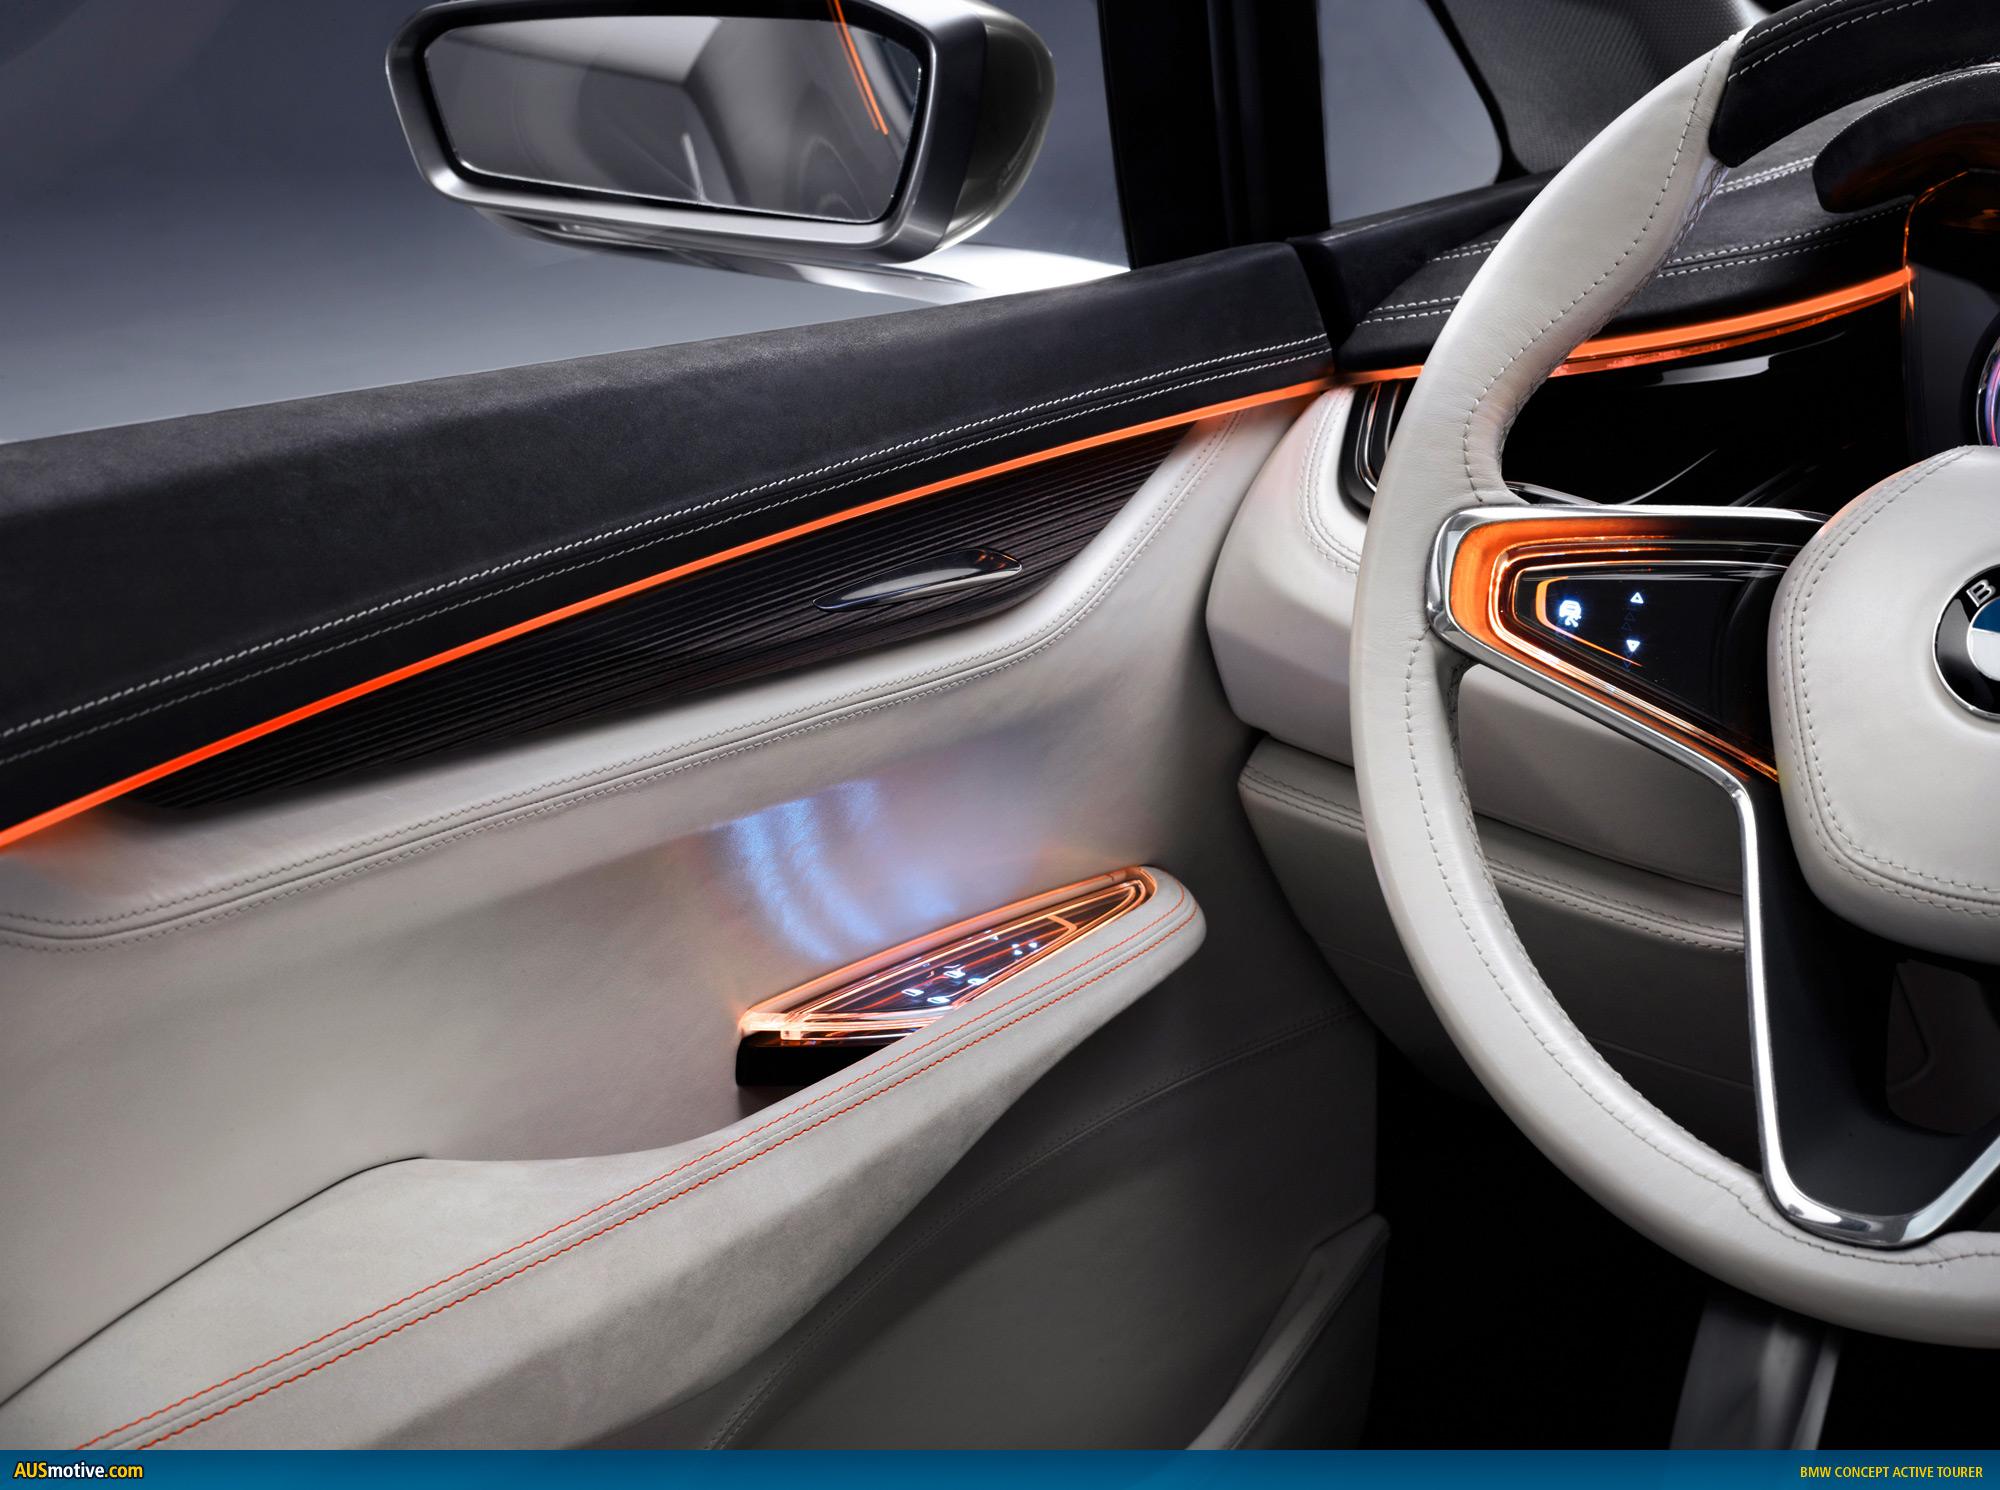 AUSmotive.com » BMW Concept Active Tourer revealed